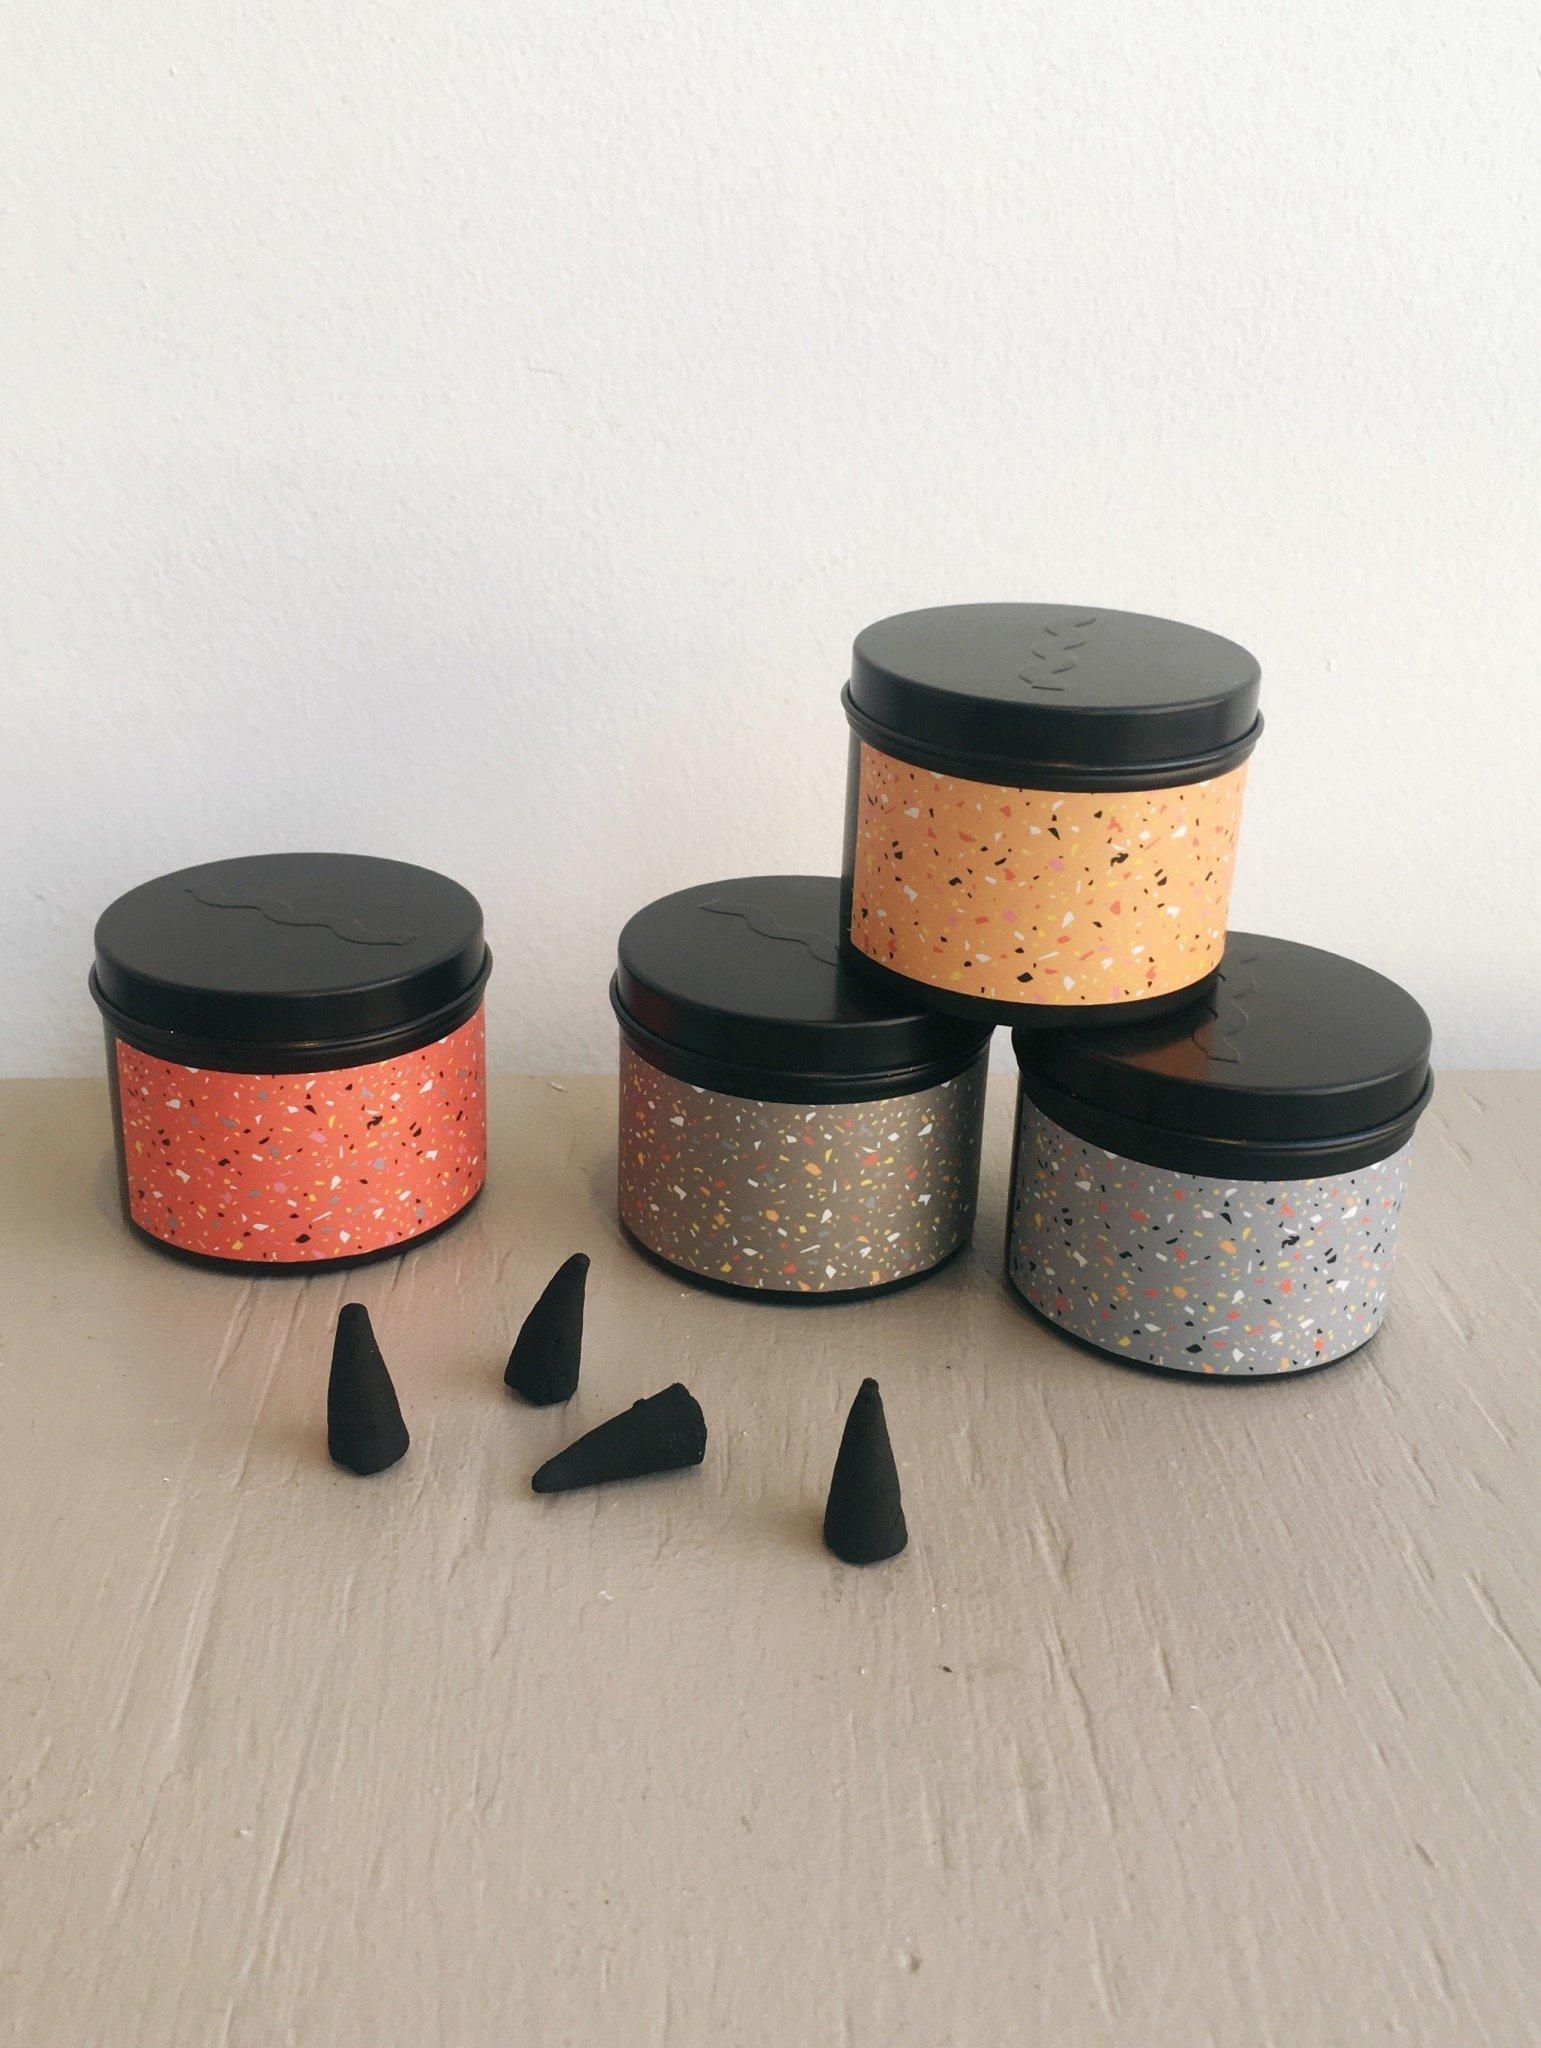 Pretti Cool Incense Cones